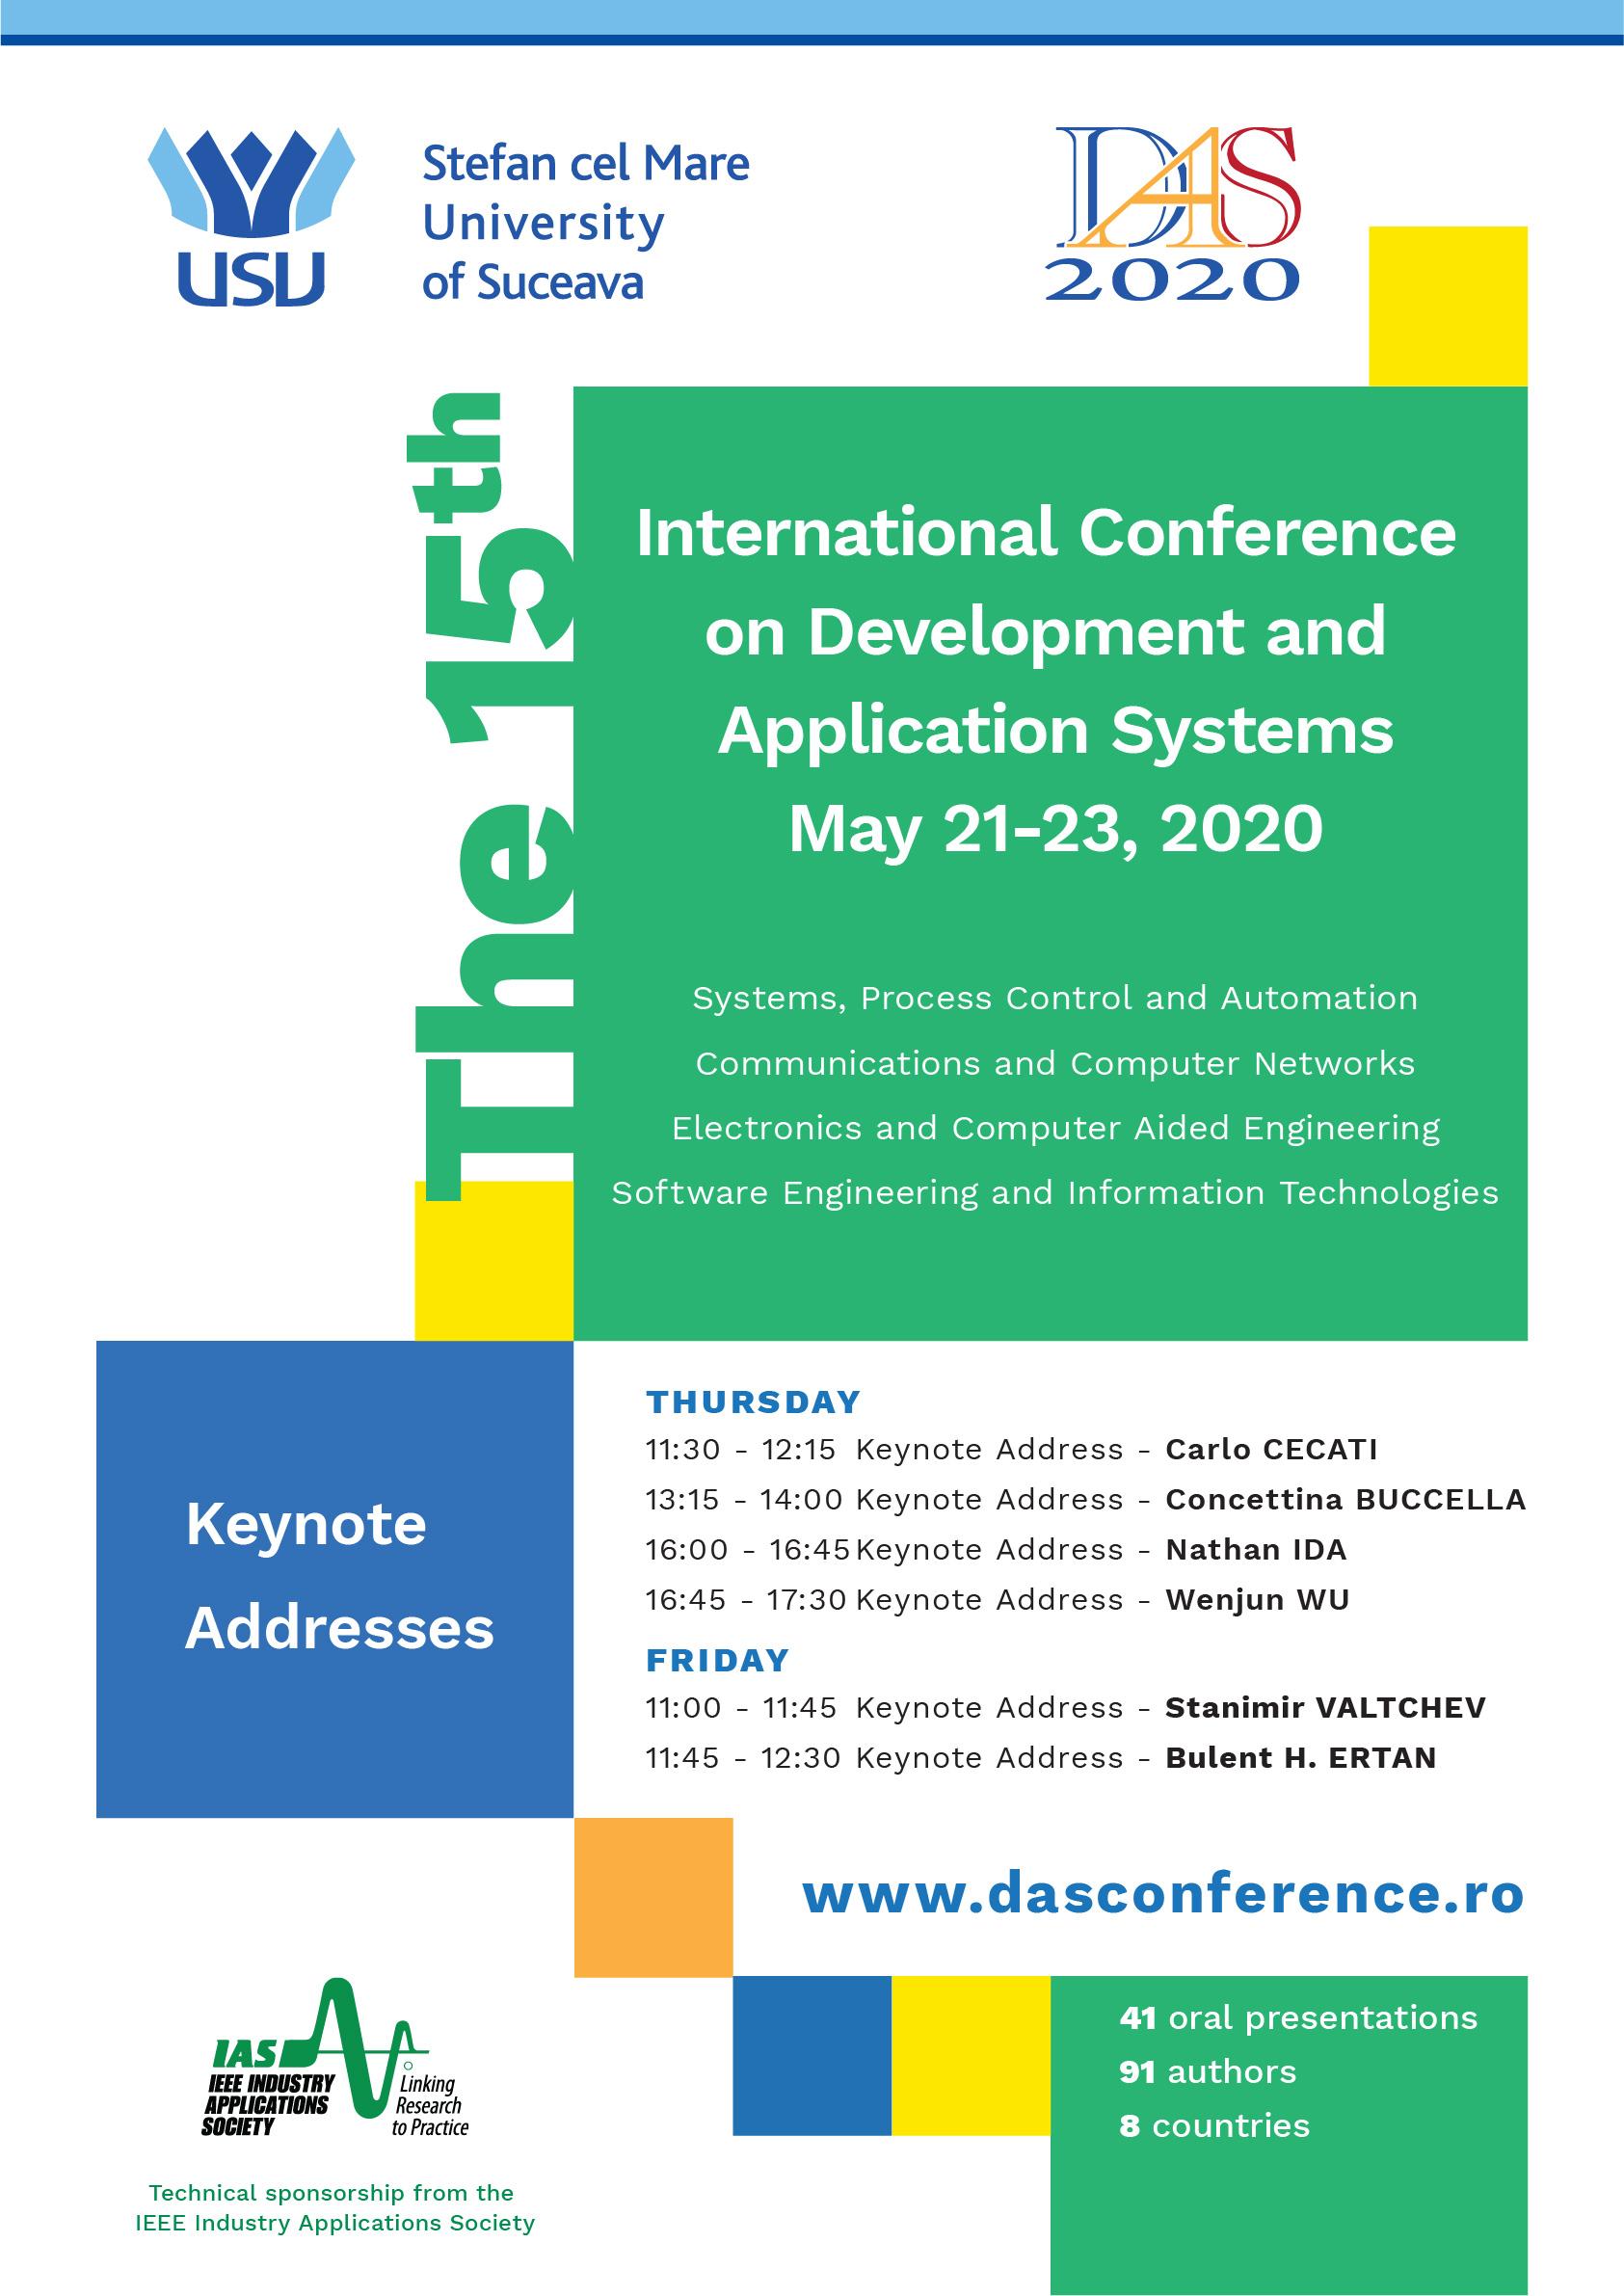 Conferința Internațională DEVELOPMENT AND APPLICATION SYSTEMS are loc online, pe 21 și 22 mai